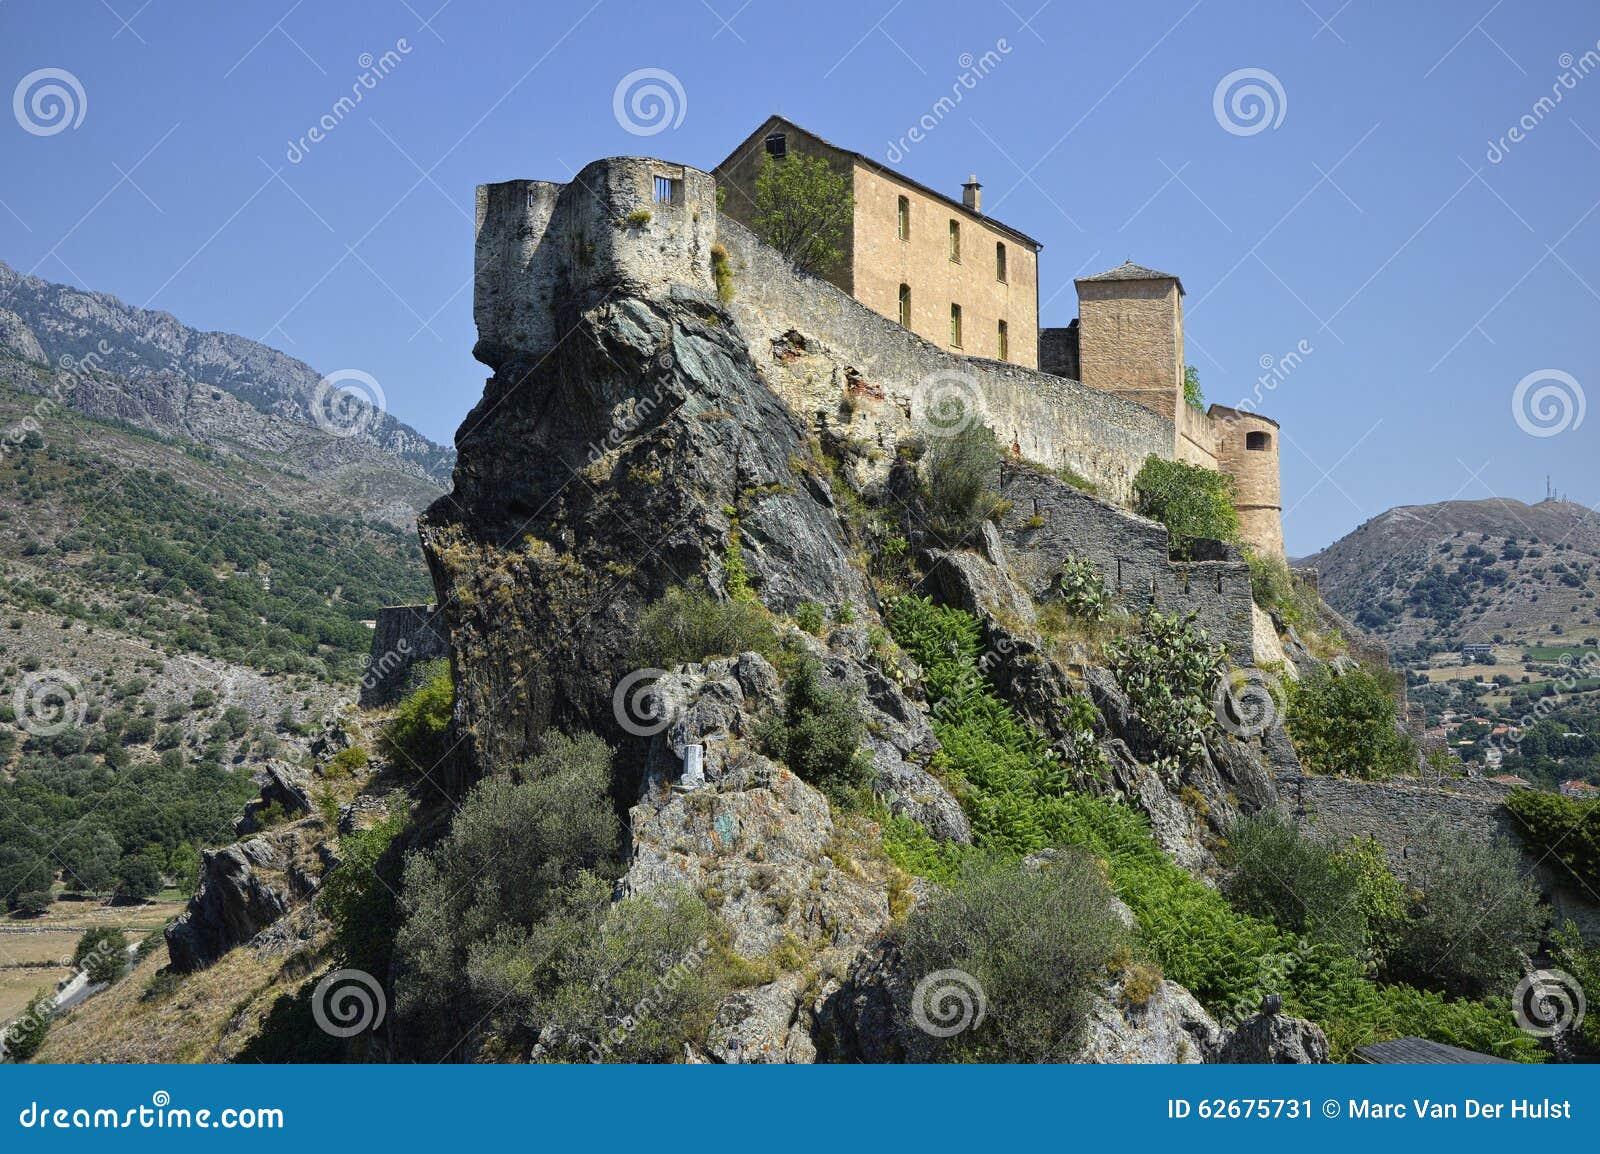 City of Corte in Corsica